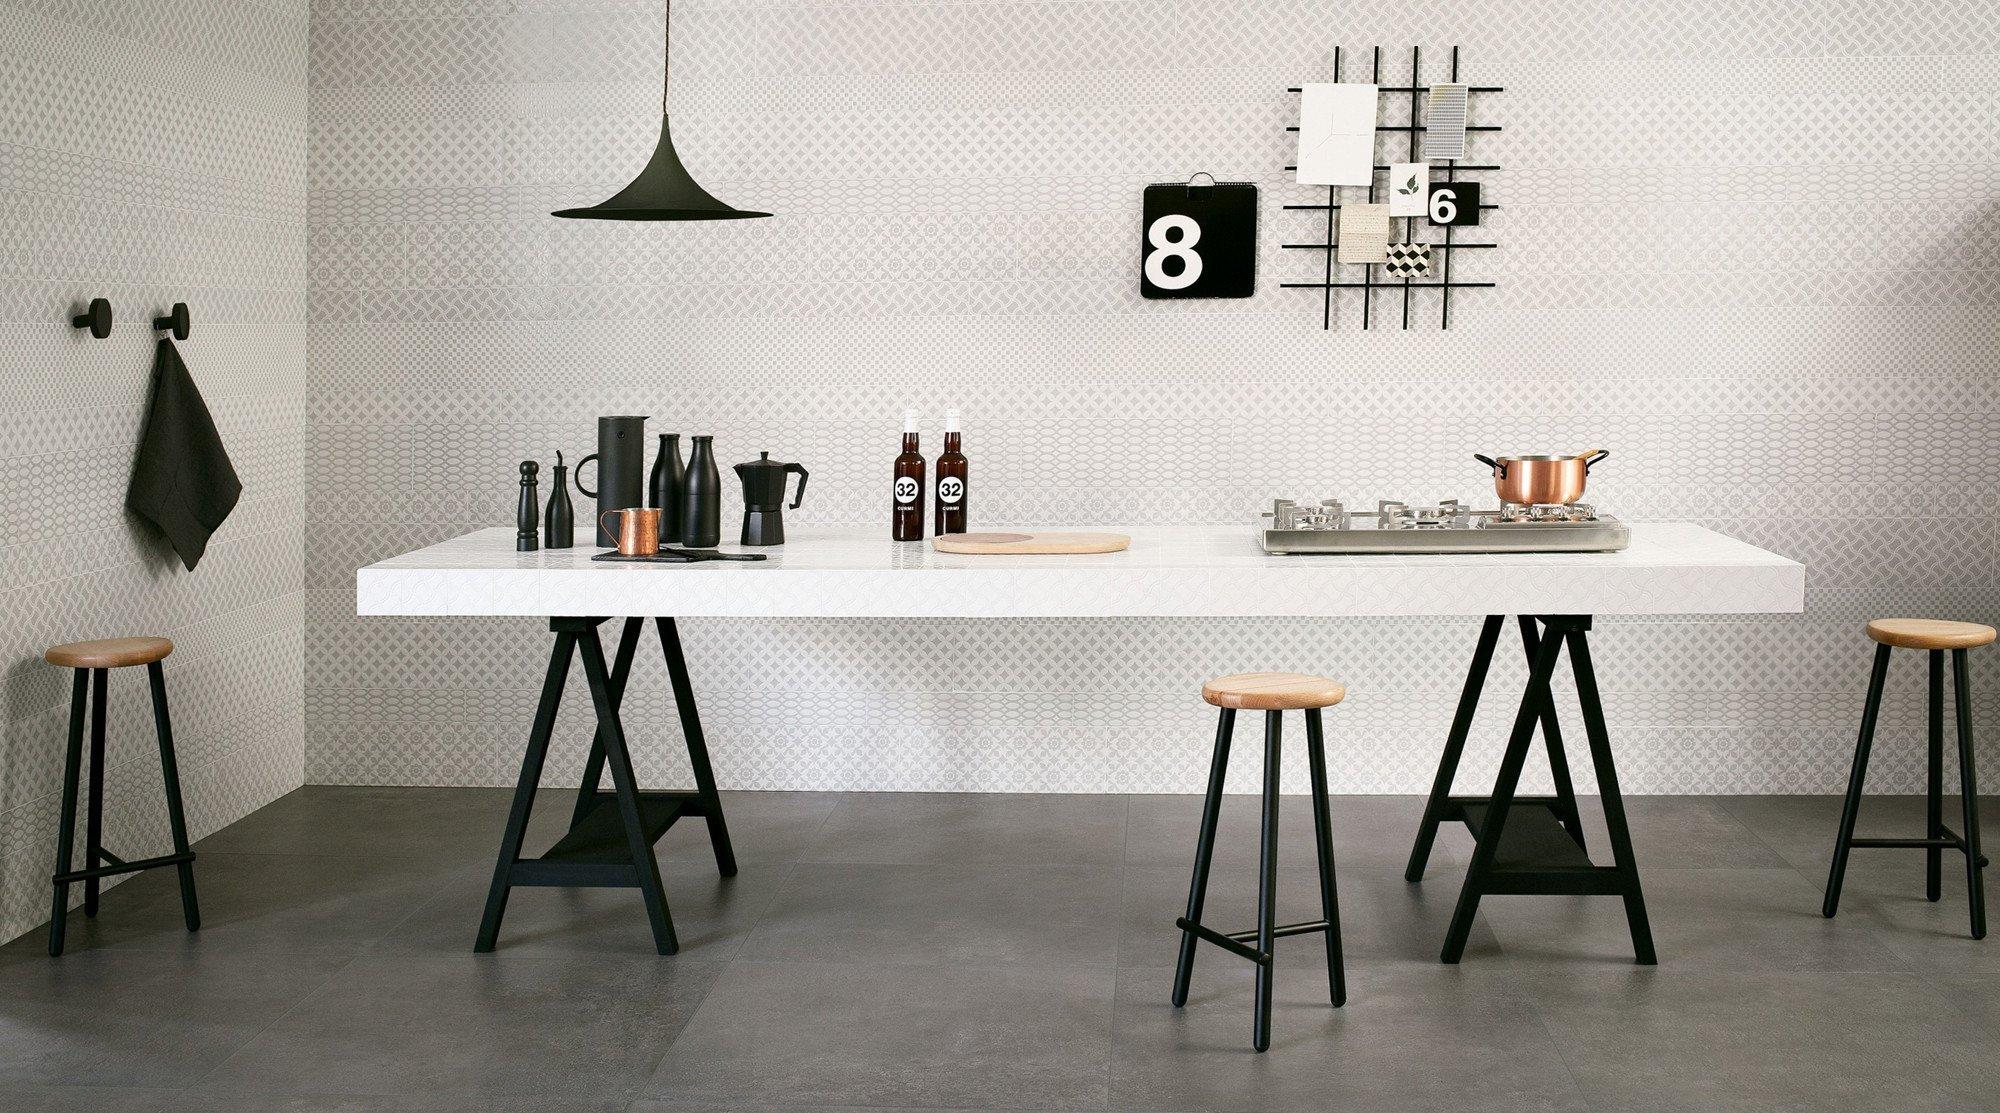 Küchen und Bäder | Fliesen und Platten | Einsatzbereiche ...